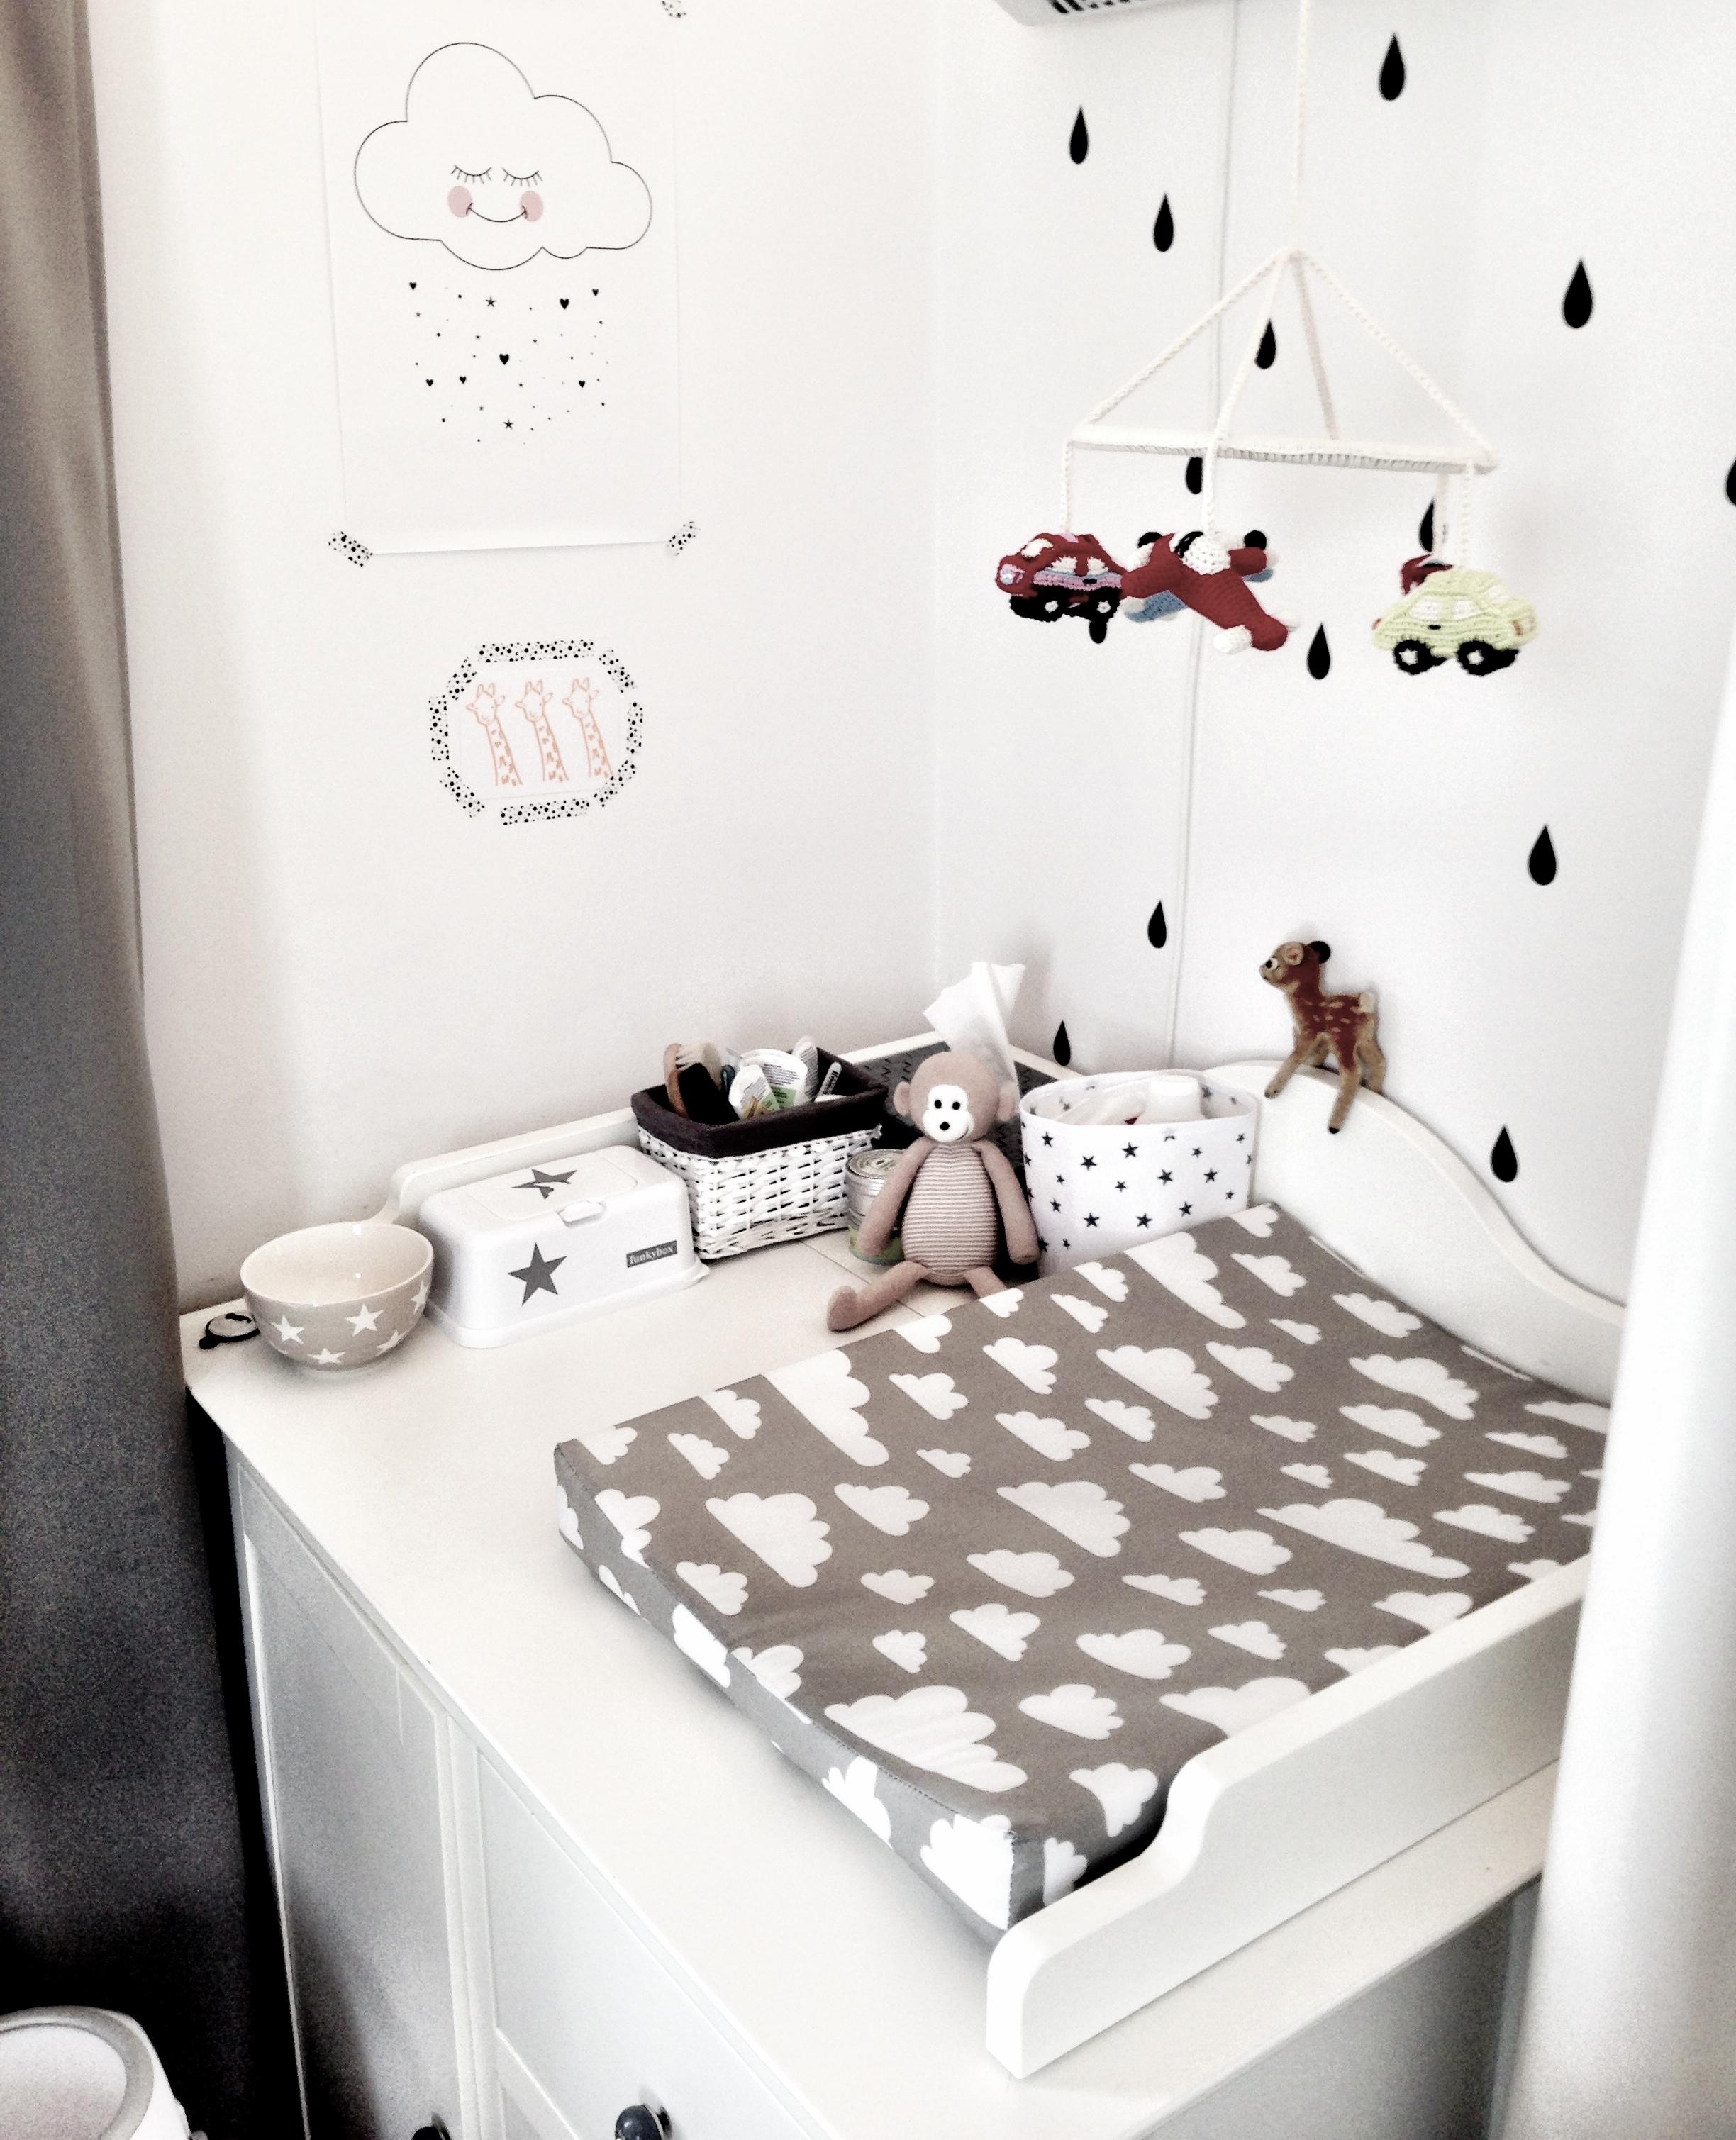 leos kleines reich in m nchen unsere kinderzimmer serie mytwodots. Black Bedroom Furniture Sets. Home Design Ideas